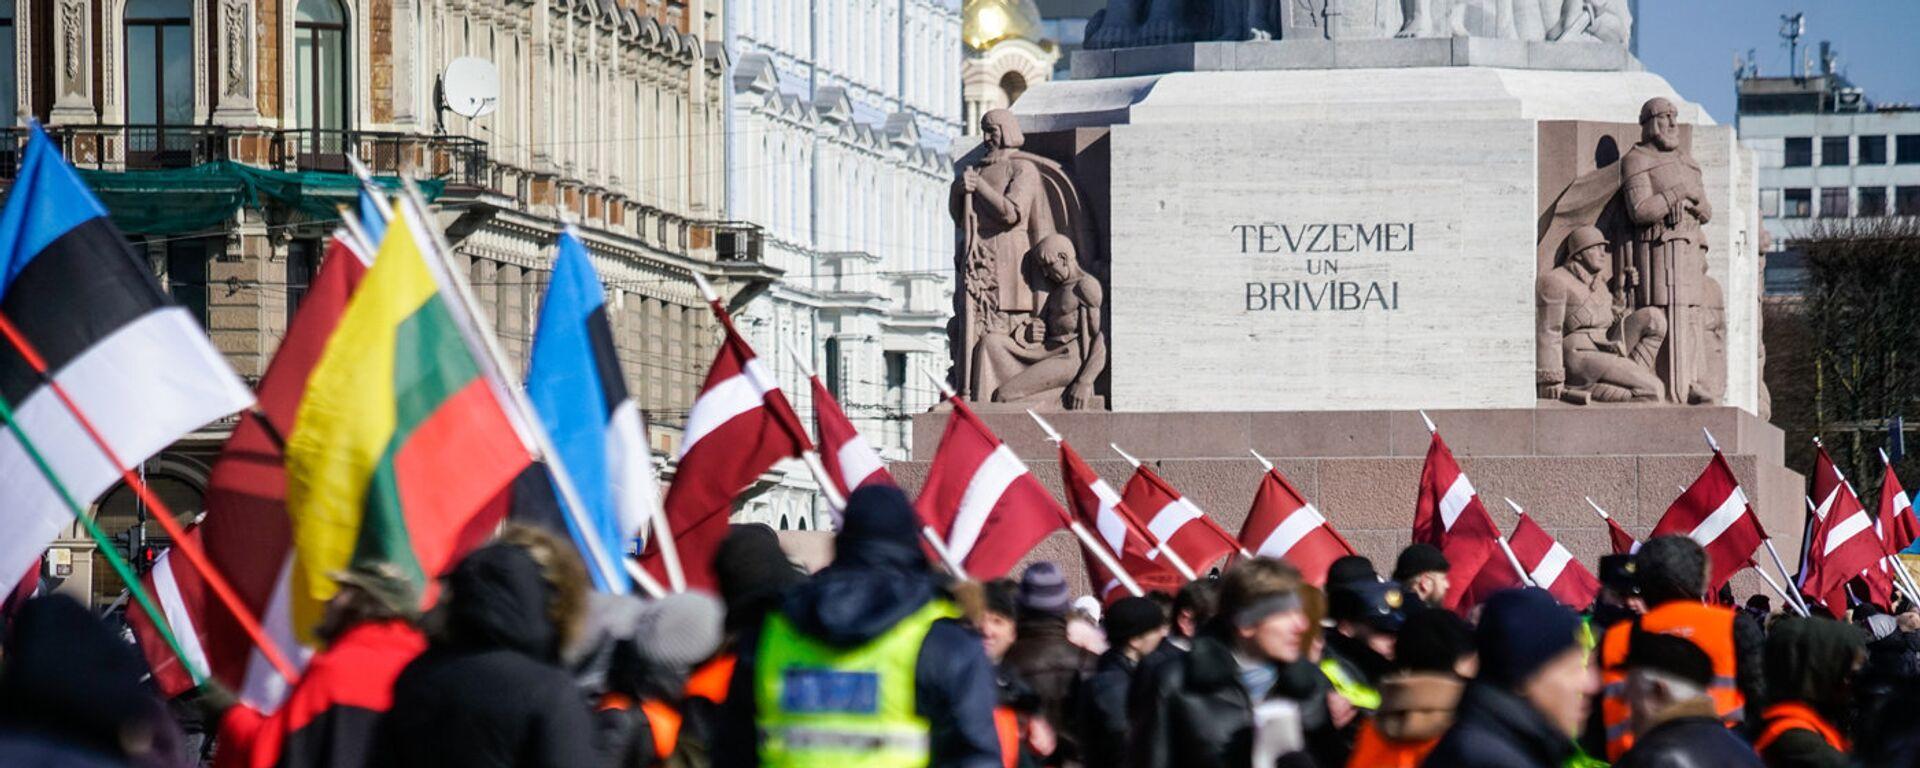 Марш легионеров СС в Риге - Sputnik Латвия, 1920, 12.03.2021